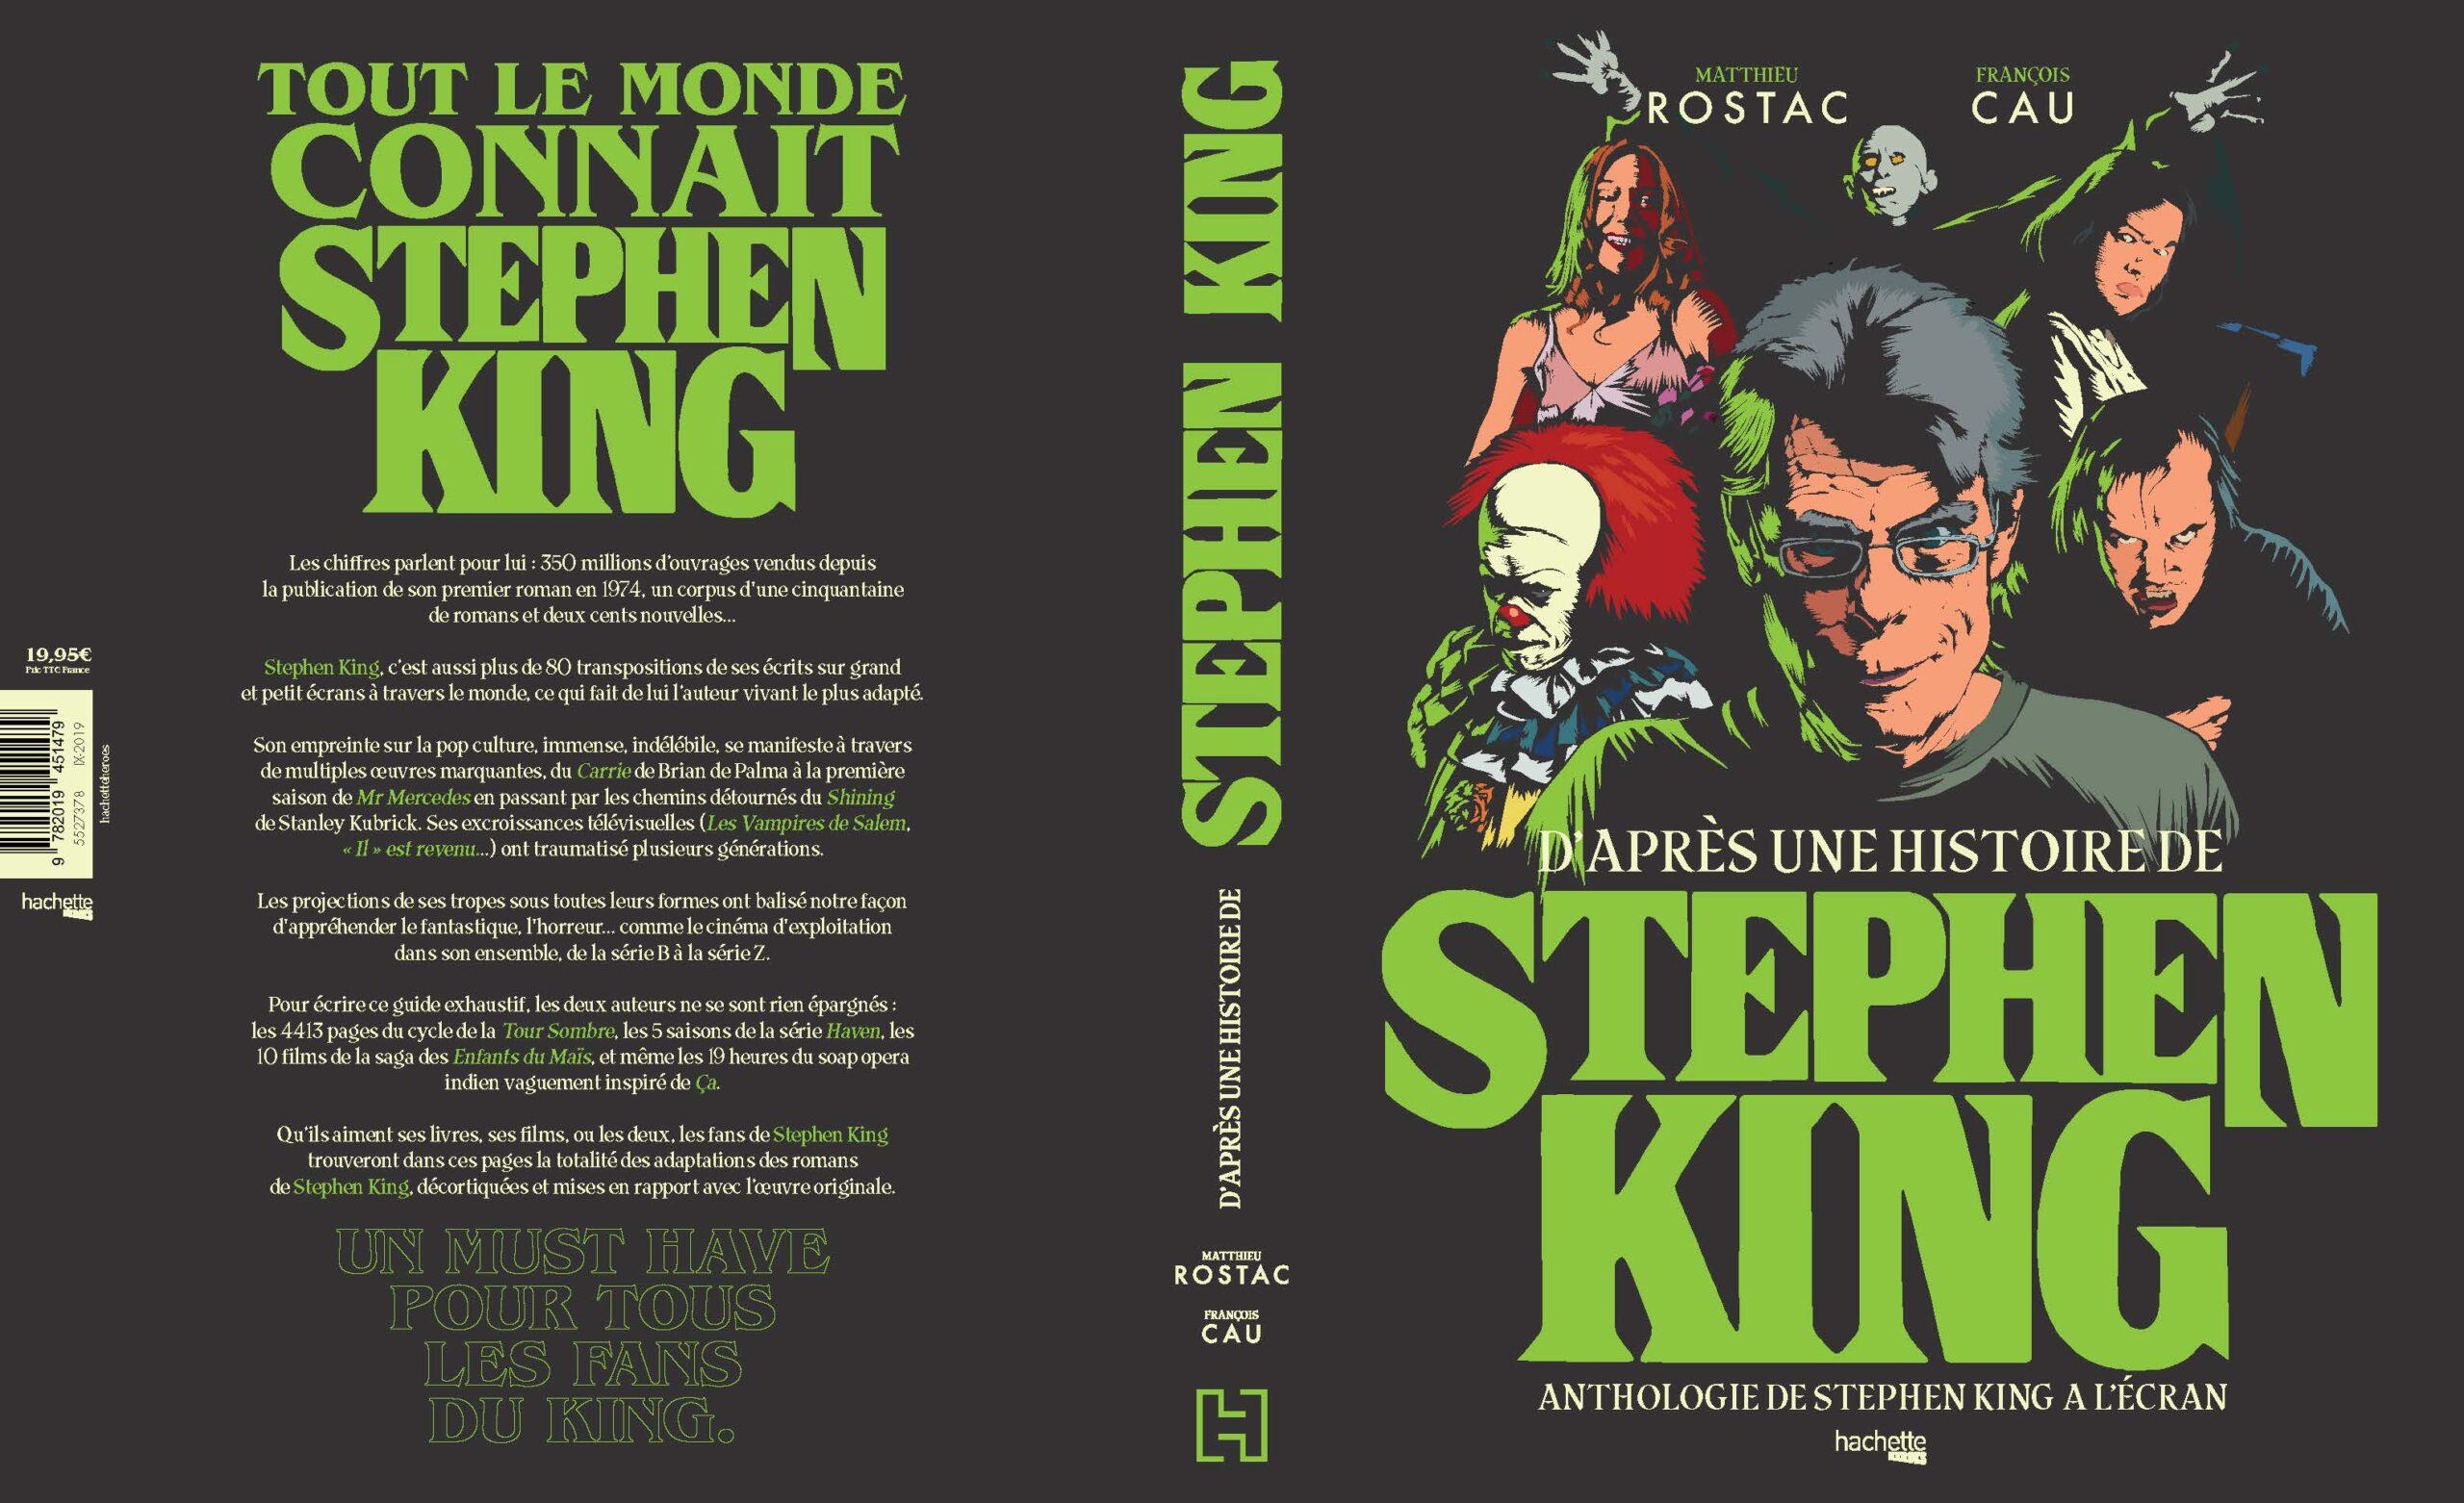 dapres-une-histoire-de-stephen-king-couverture-02